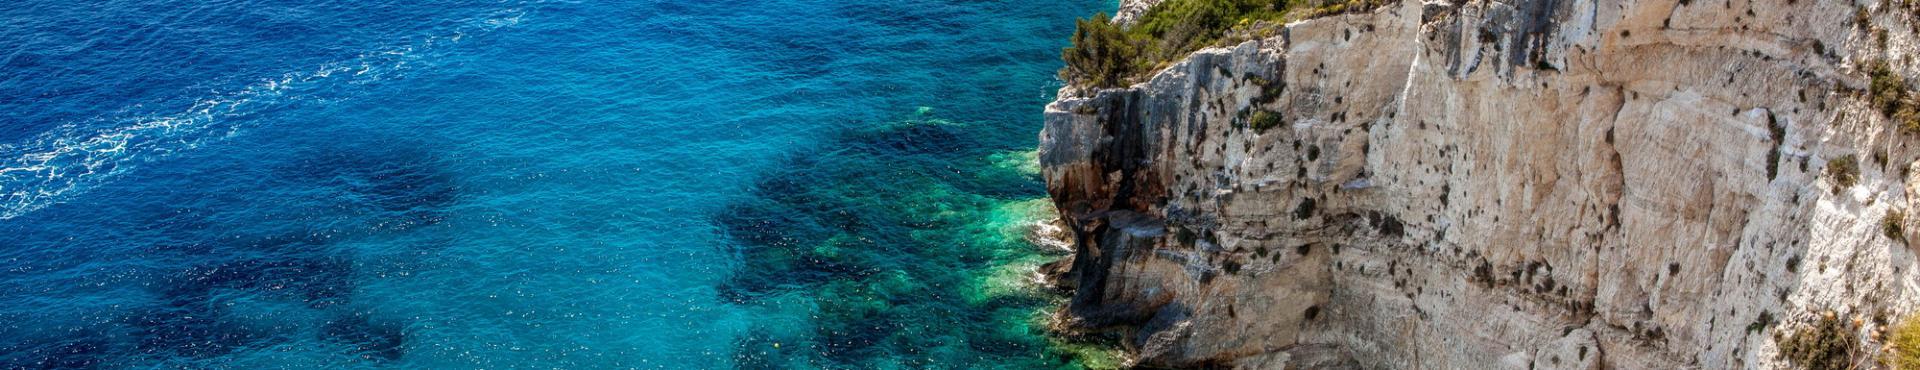 Sjeverni Jadran